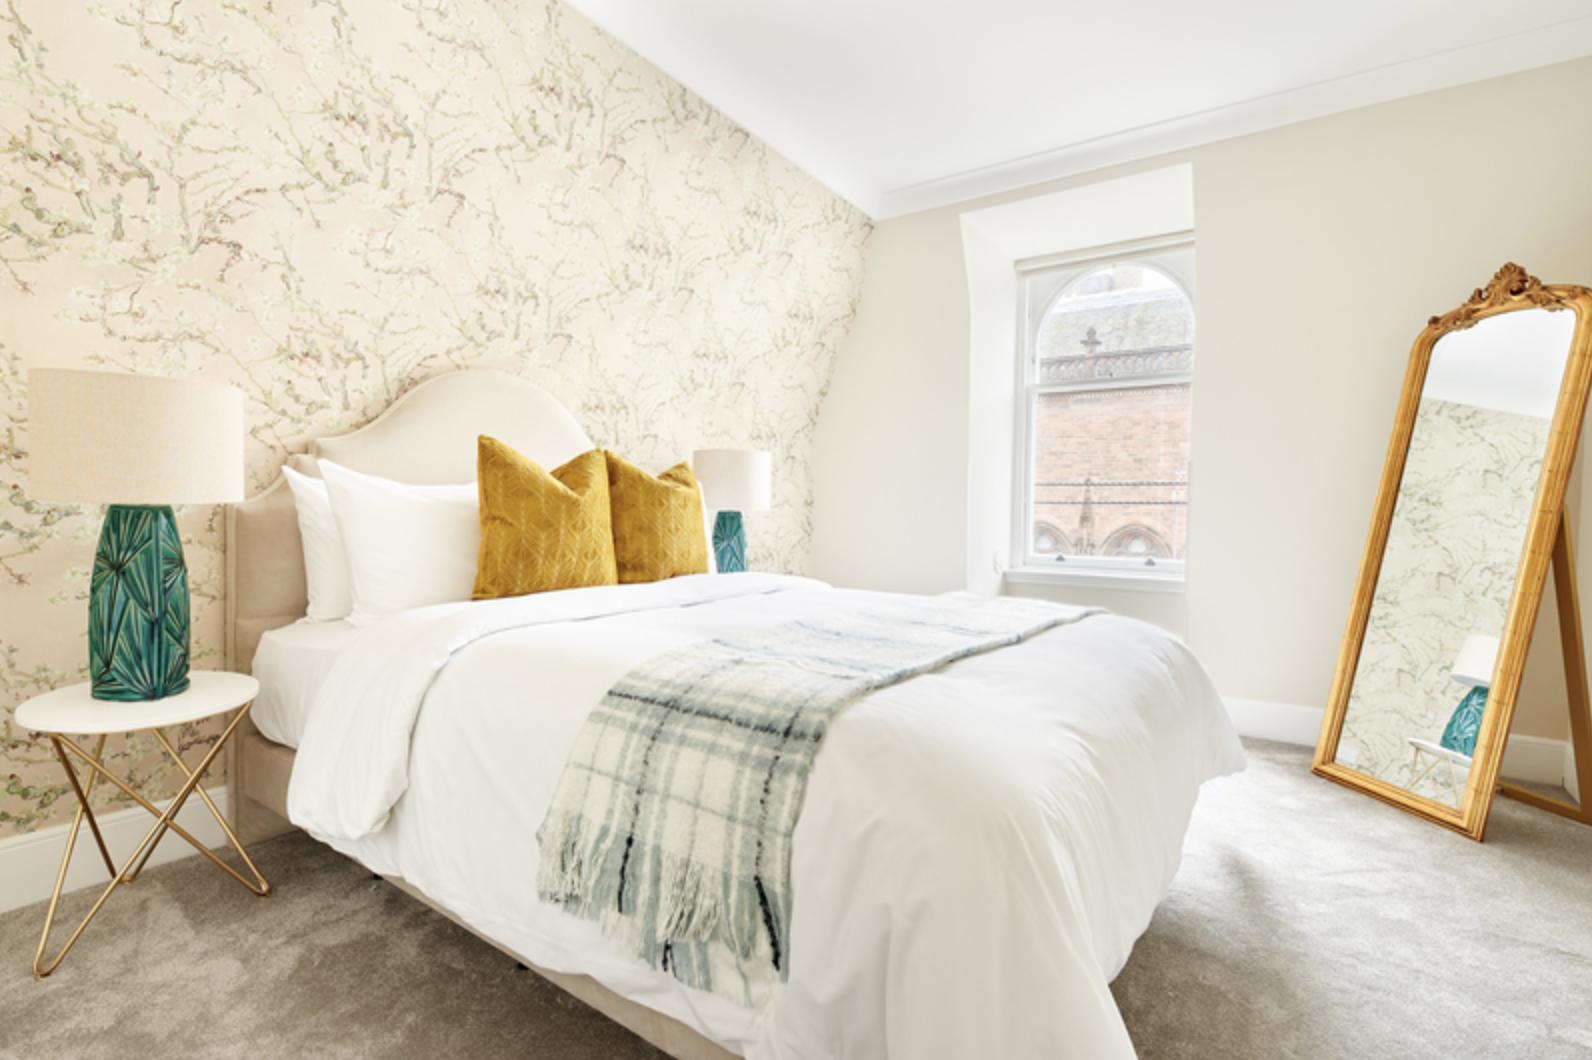 Royal Garden Serviced Apartments, Edinburgh, SilverDoor